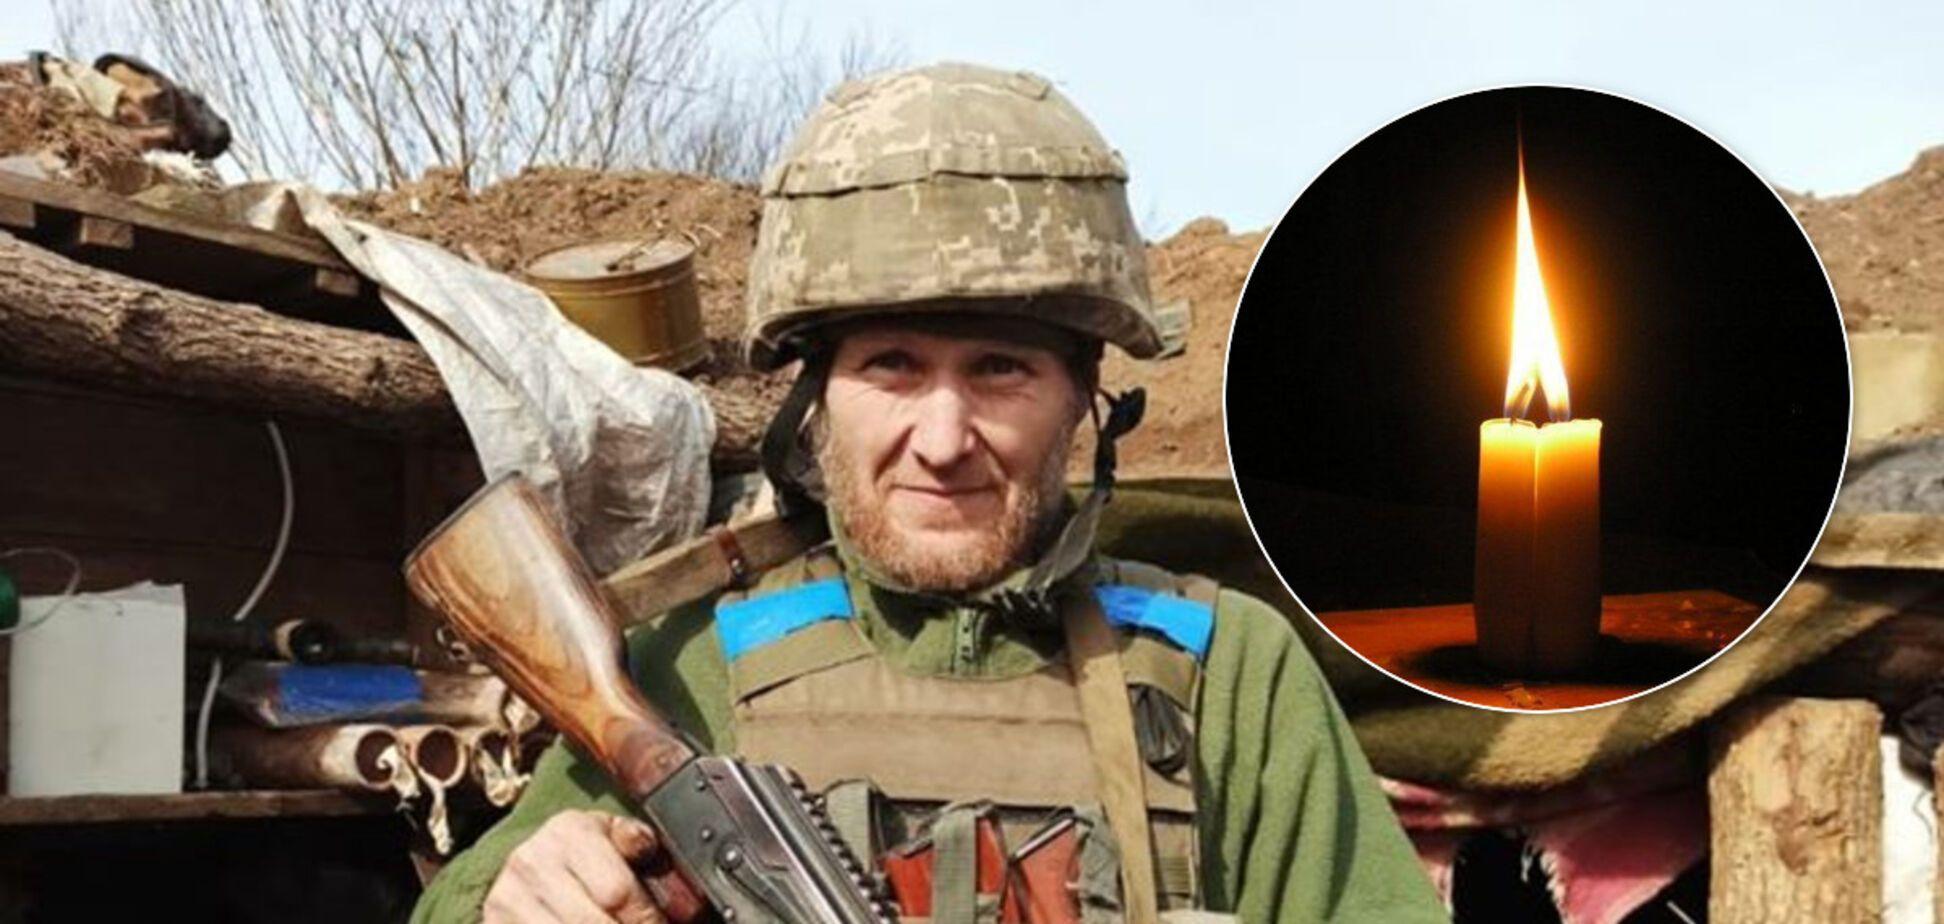 Отримав багато осколкових поранень: побратими показали фото загиблого на Донбасі героя